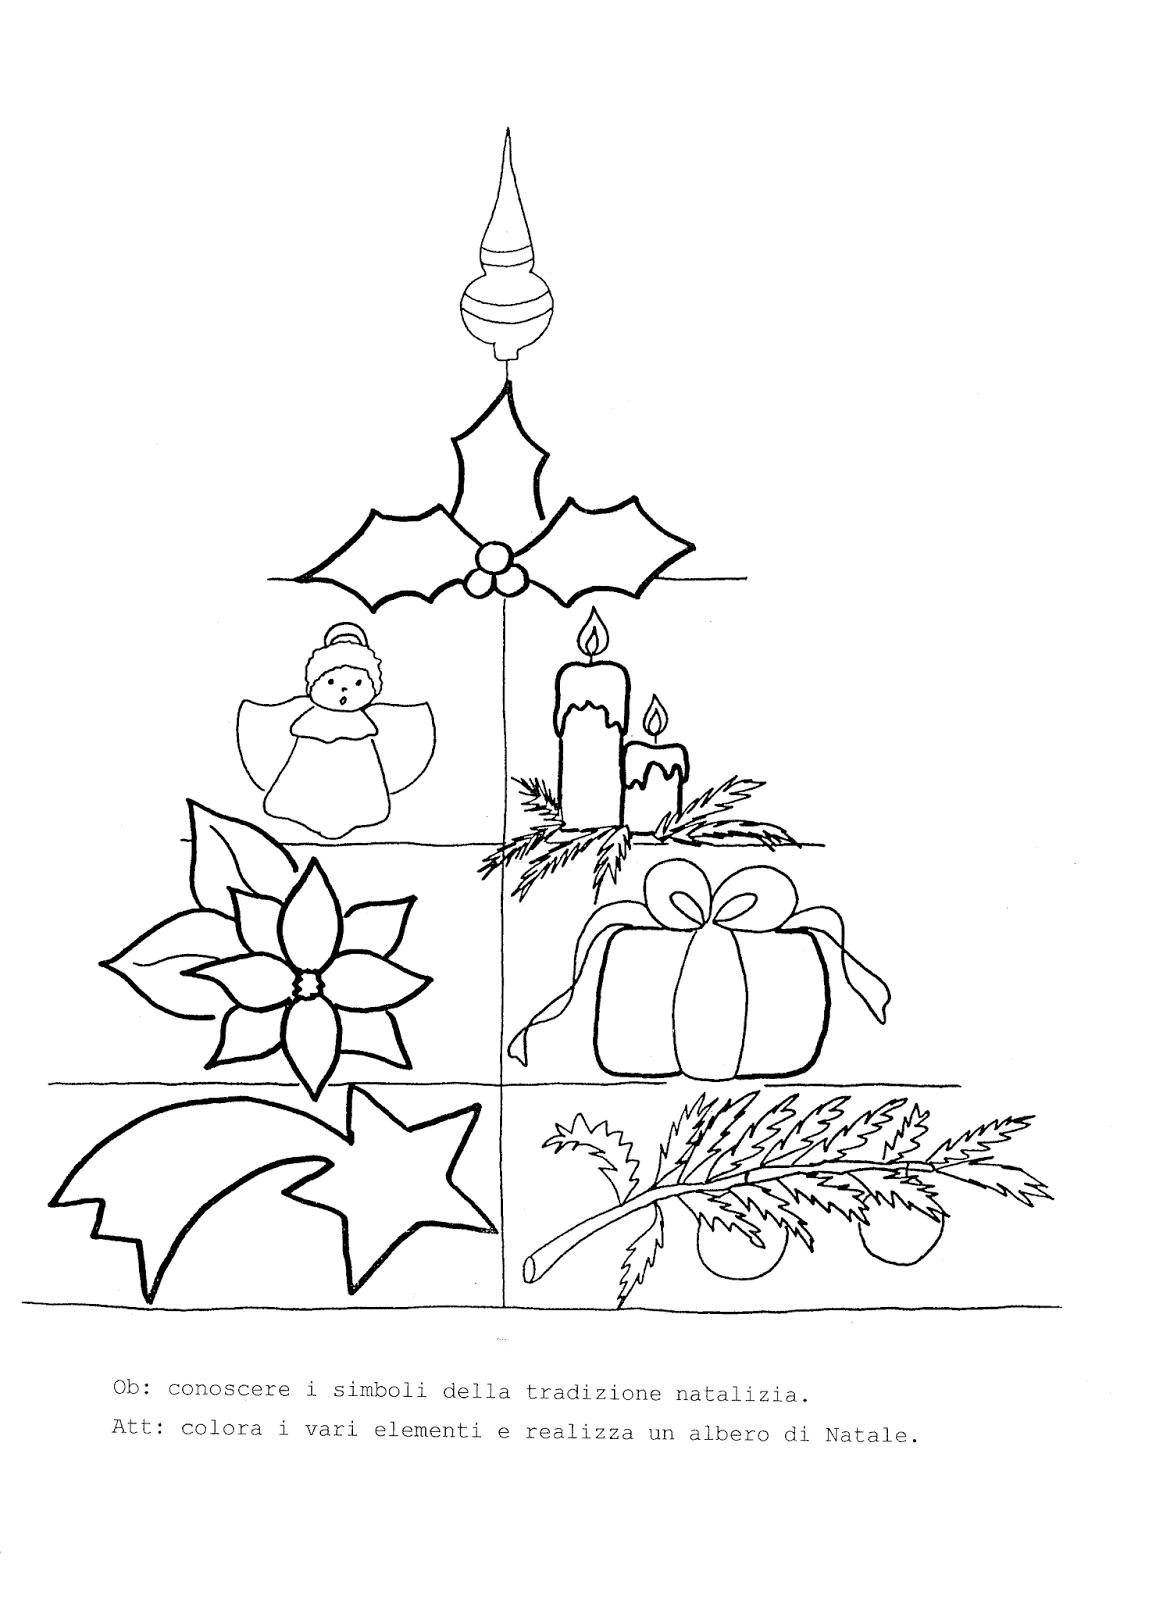 La maestra linda schede natale da colorare l 39 albero for Schede didattiche natale maestra mary